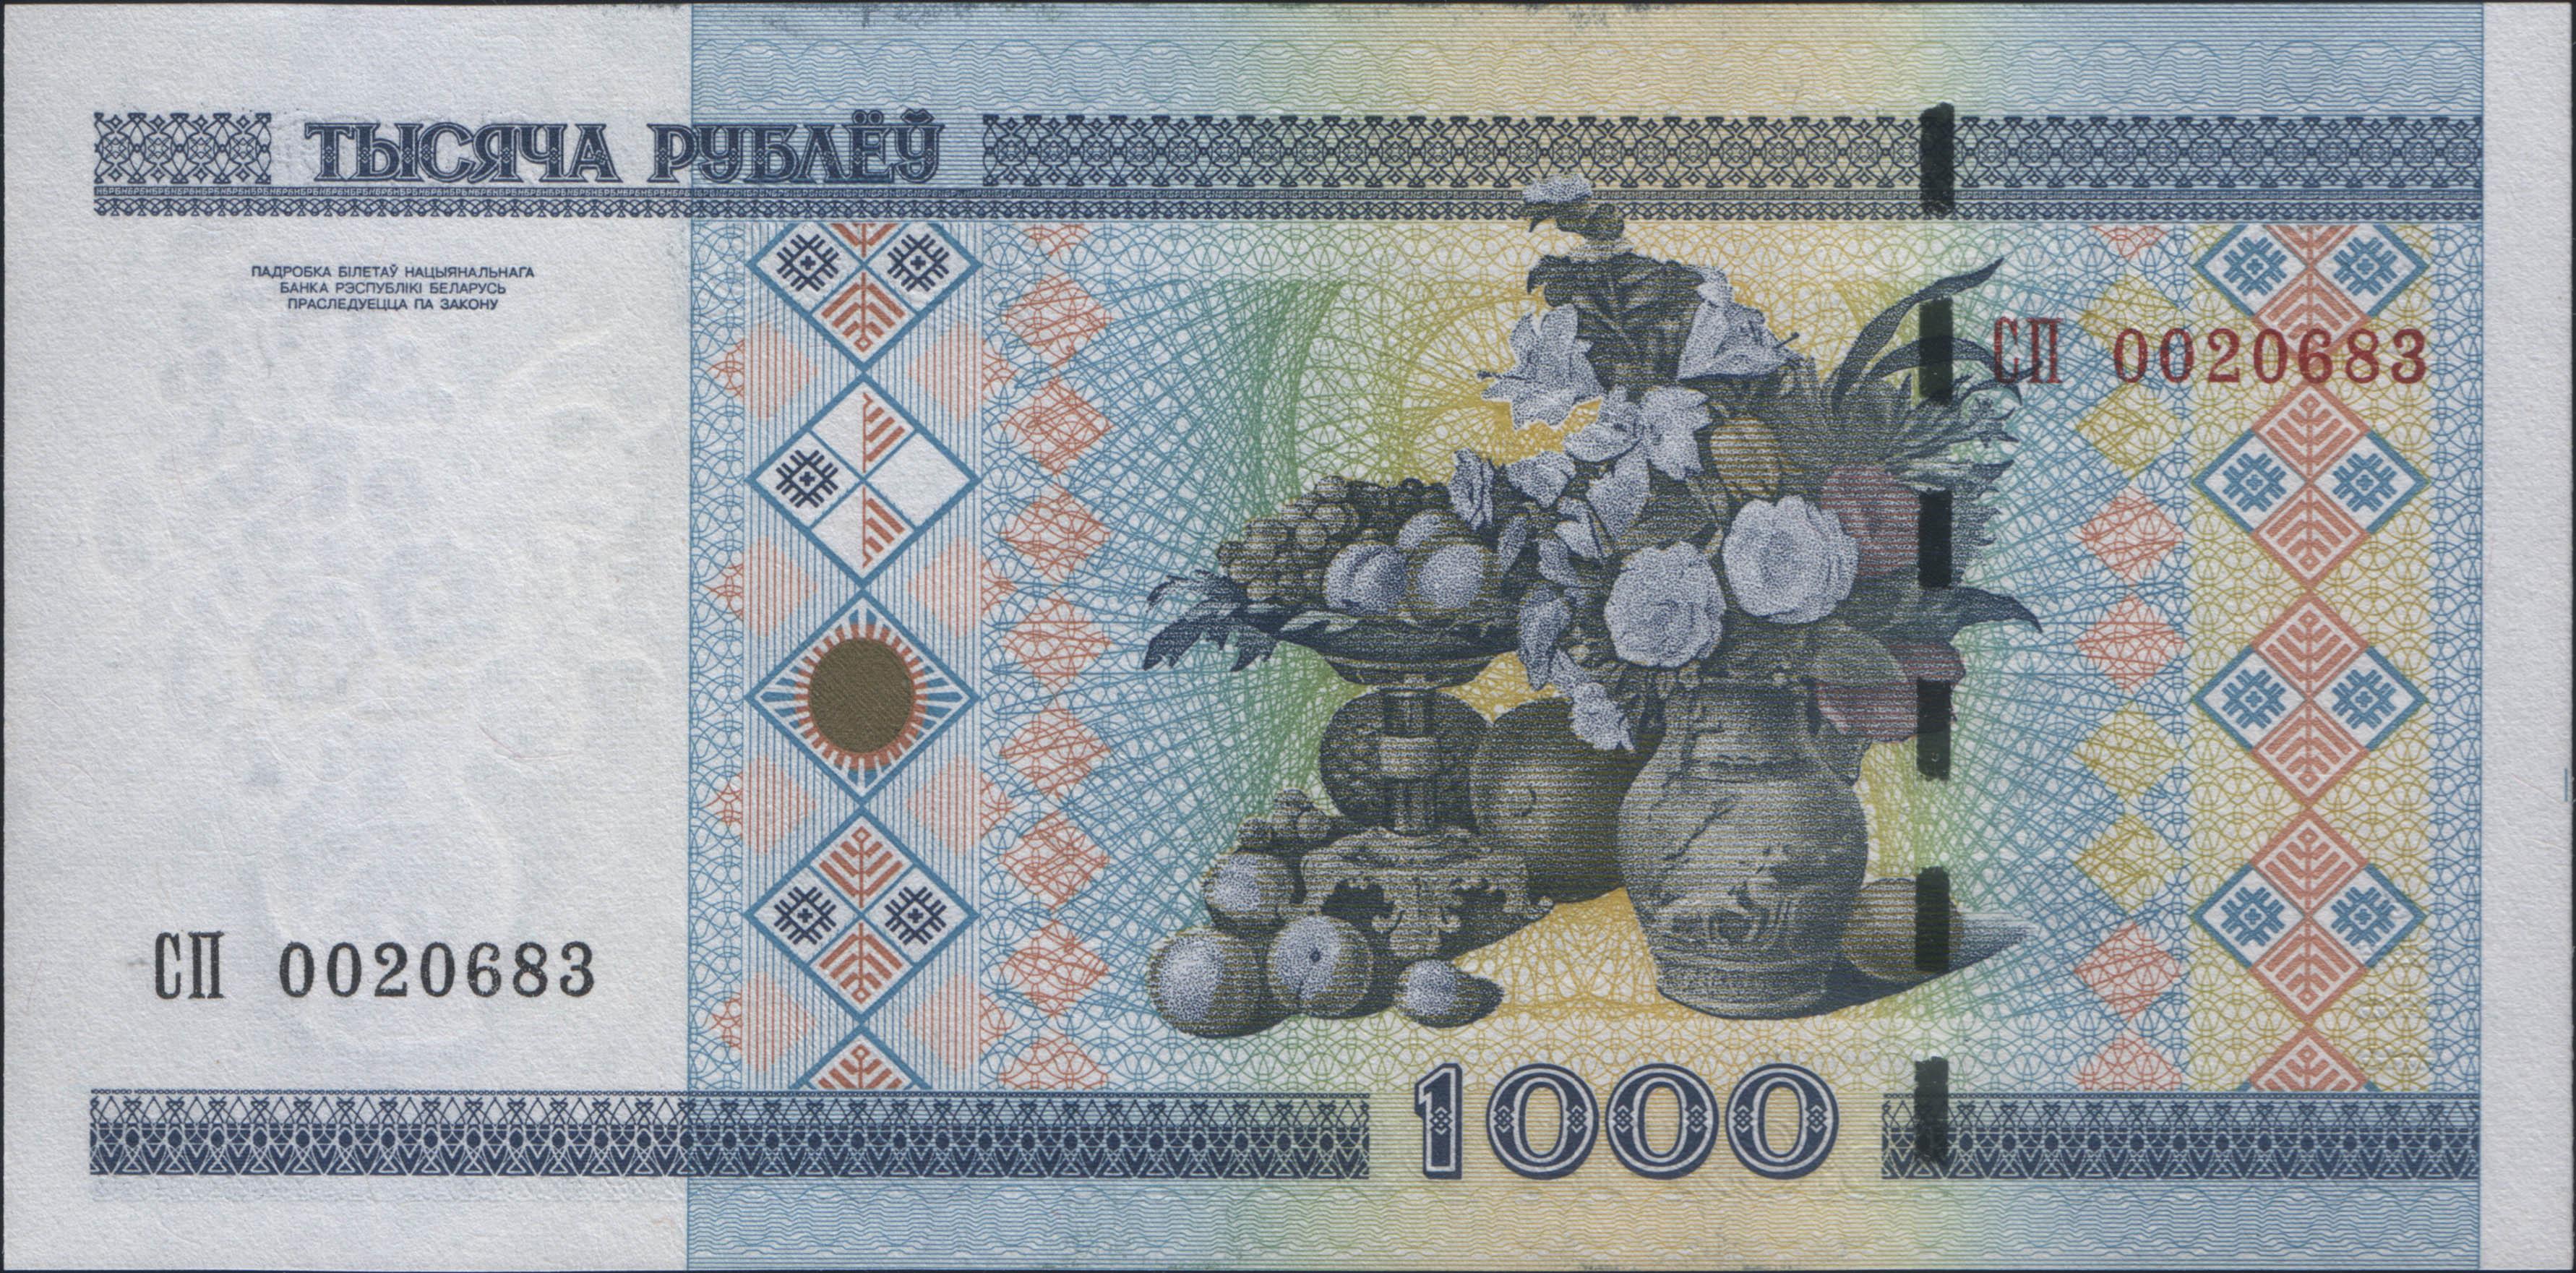 Что значит банкноты пресс немецкая африка